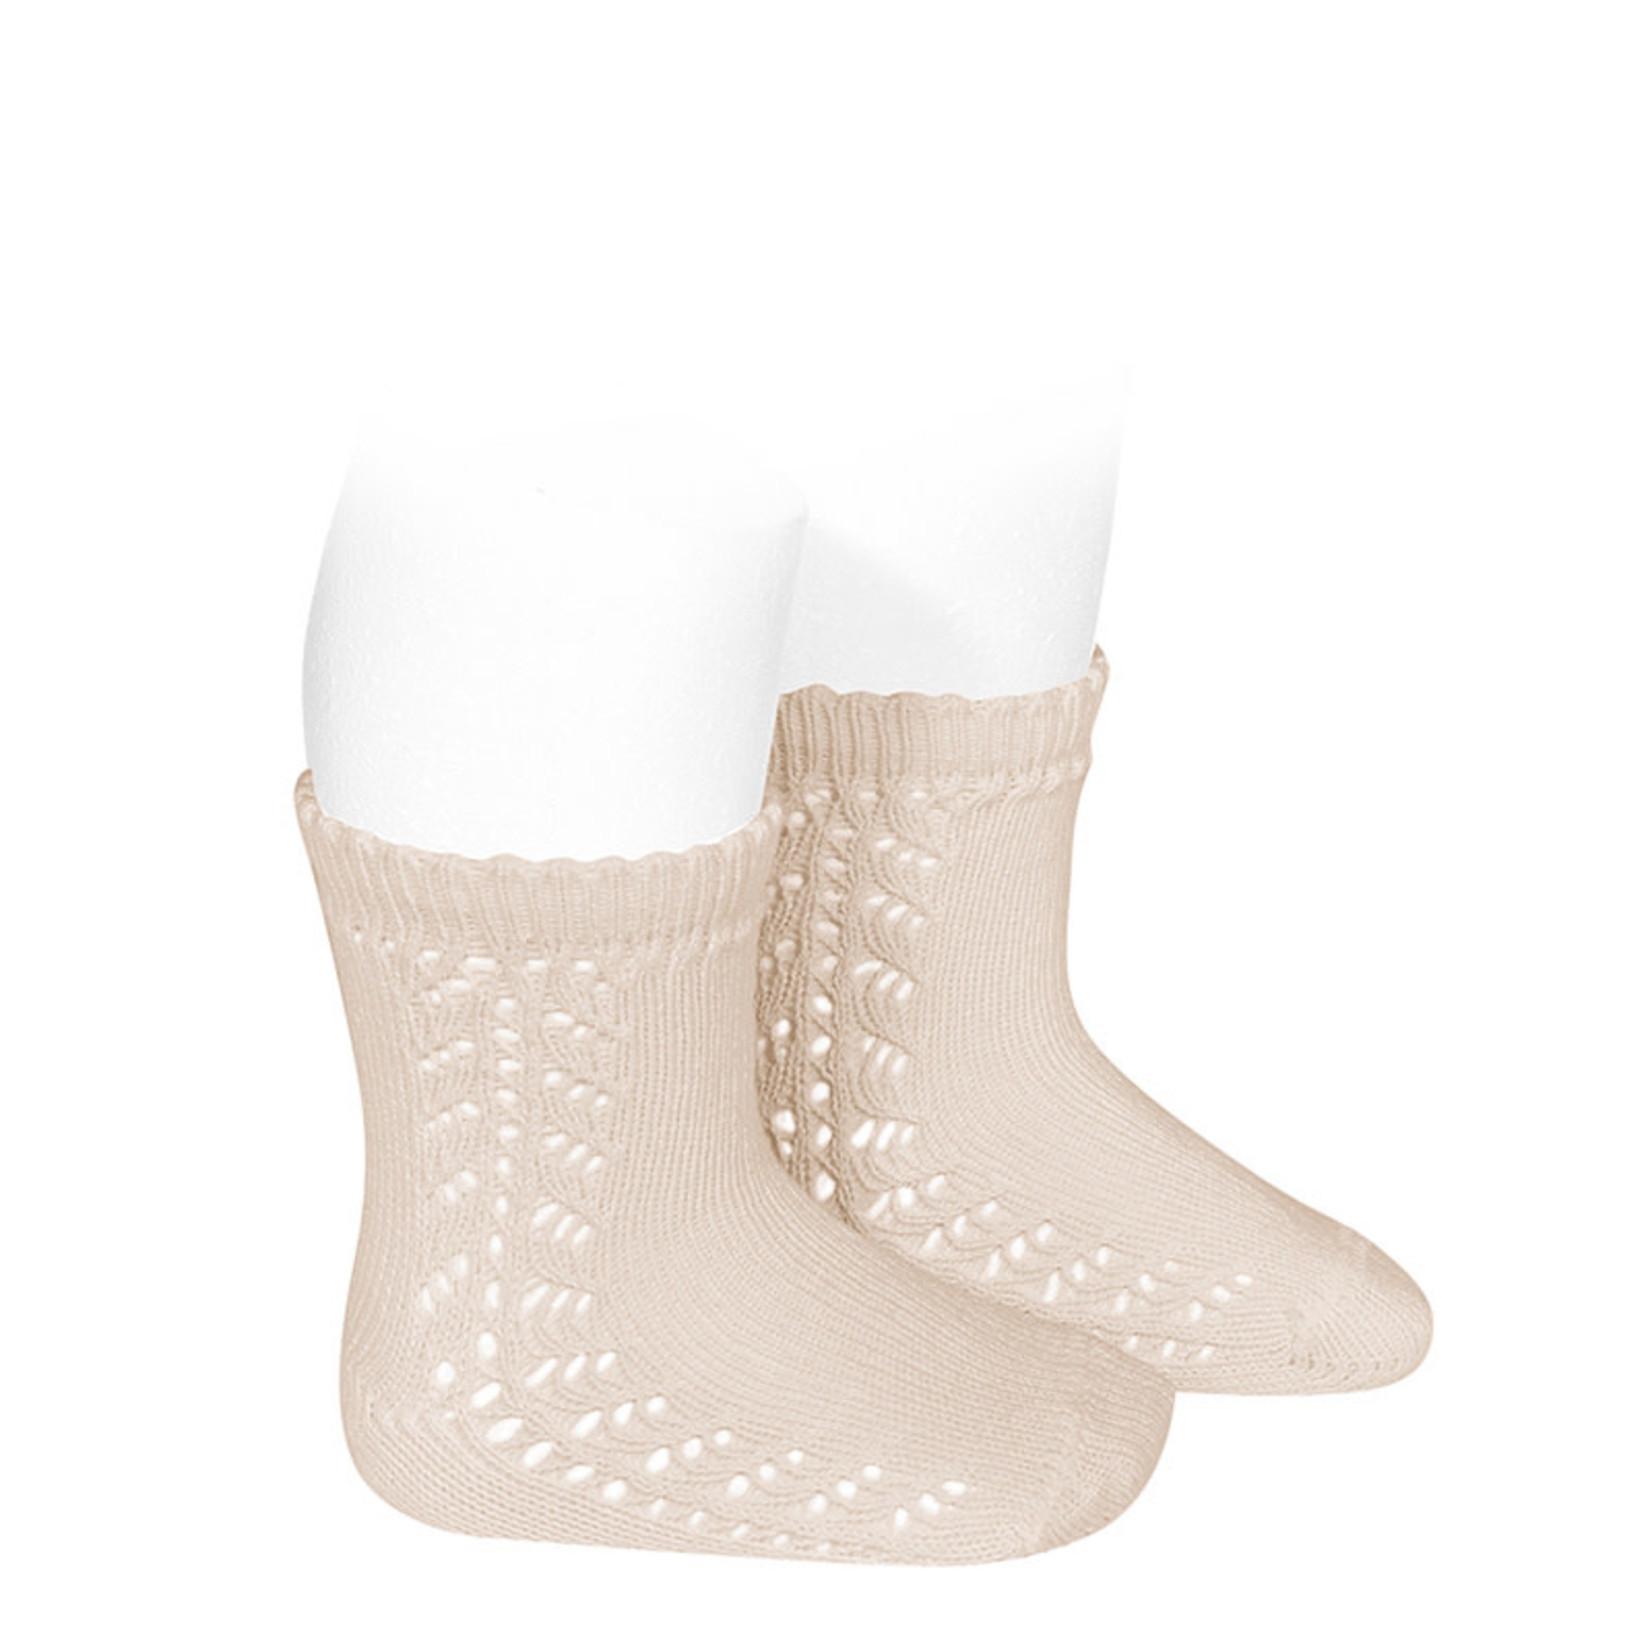 Condor Baby Side Openwork Socks - Linnen